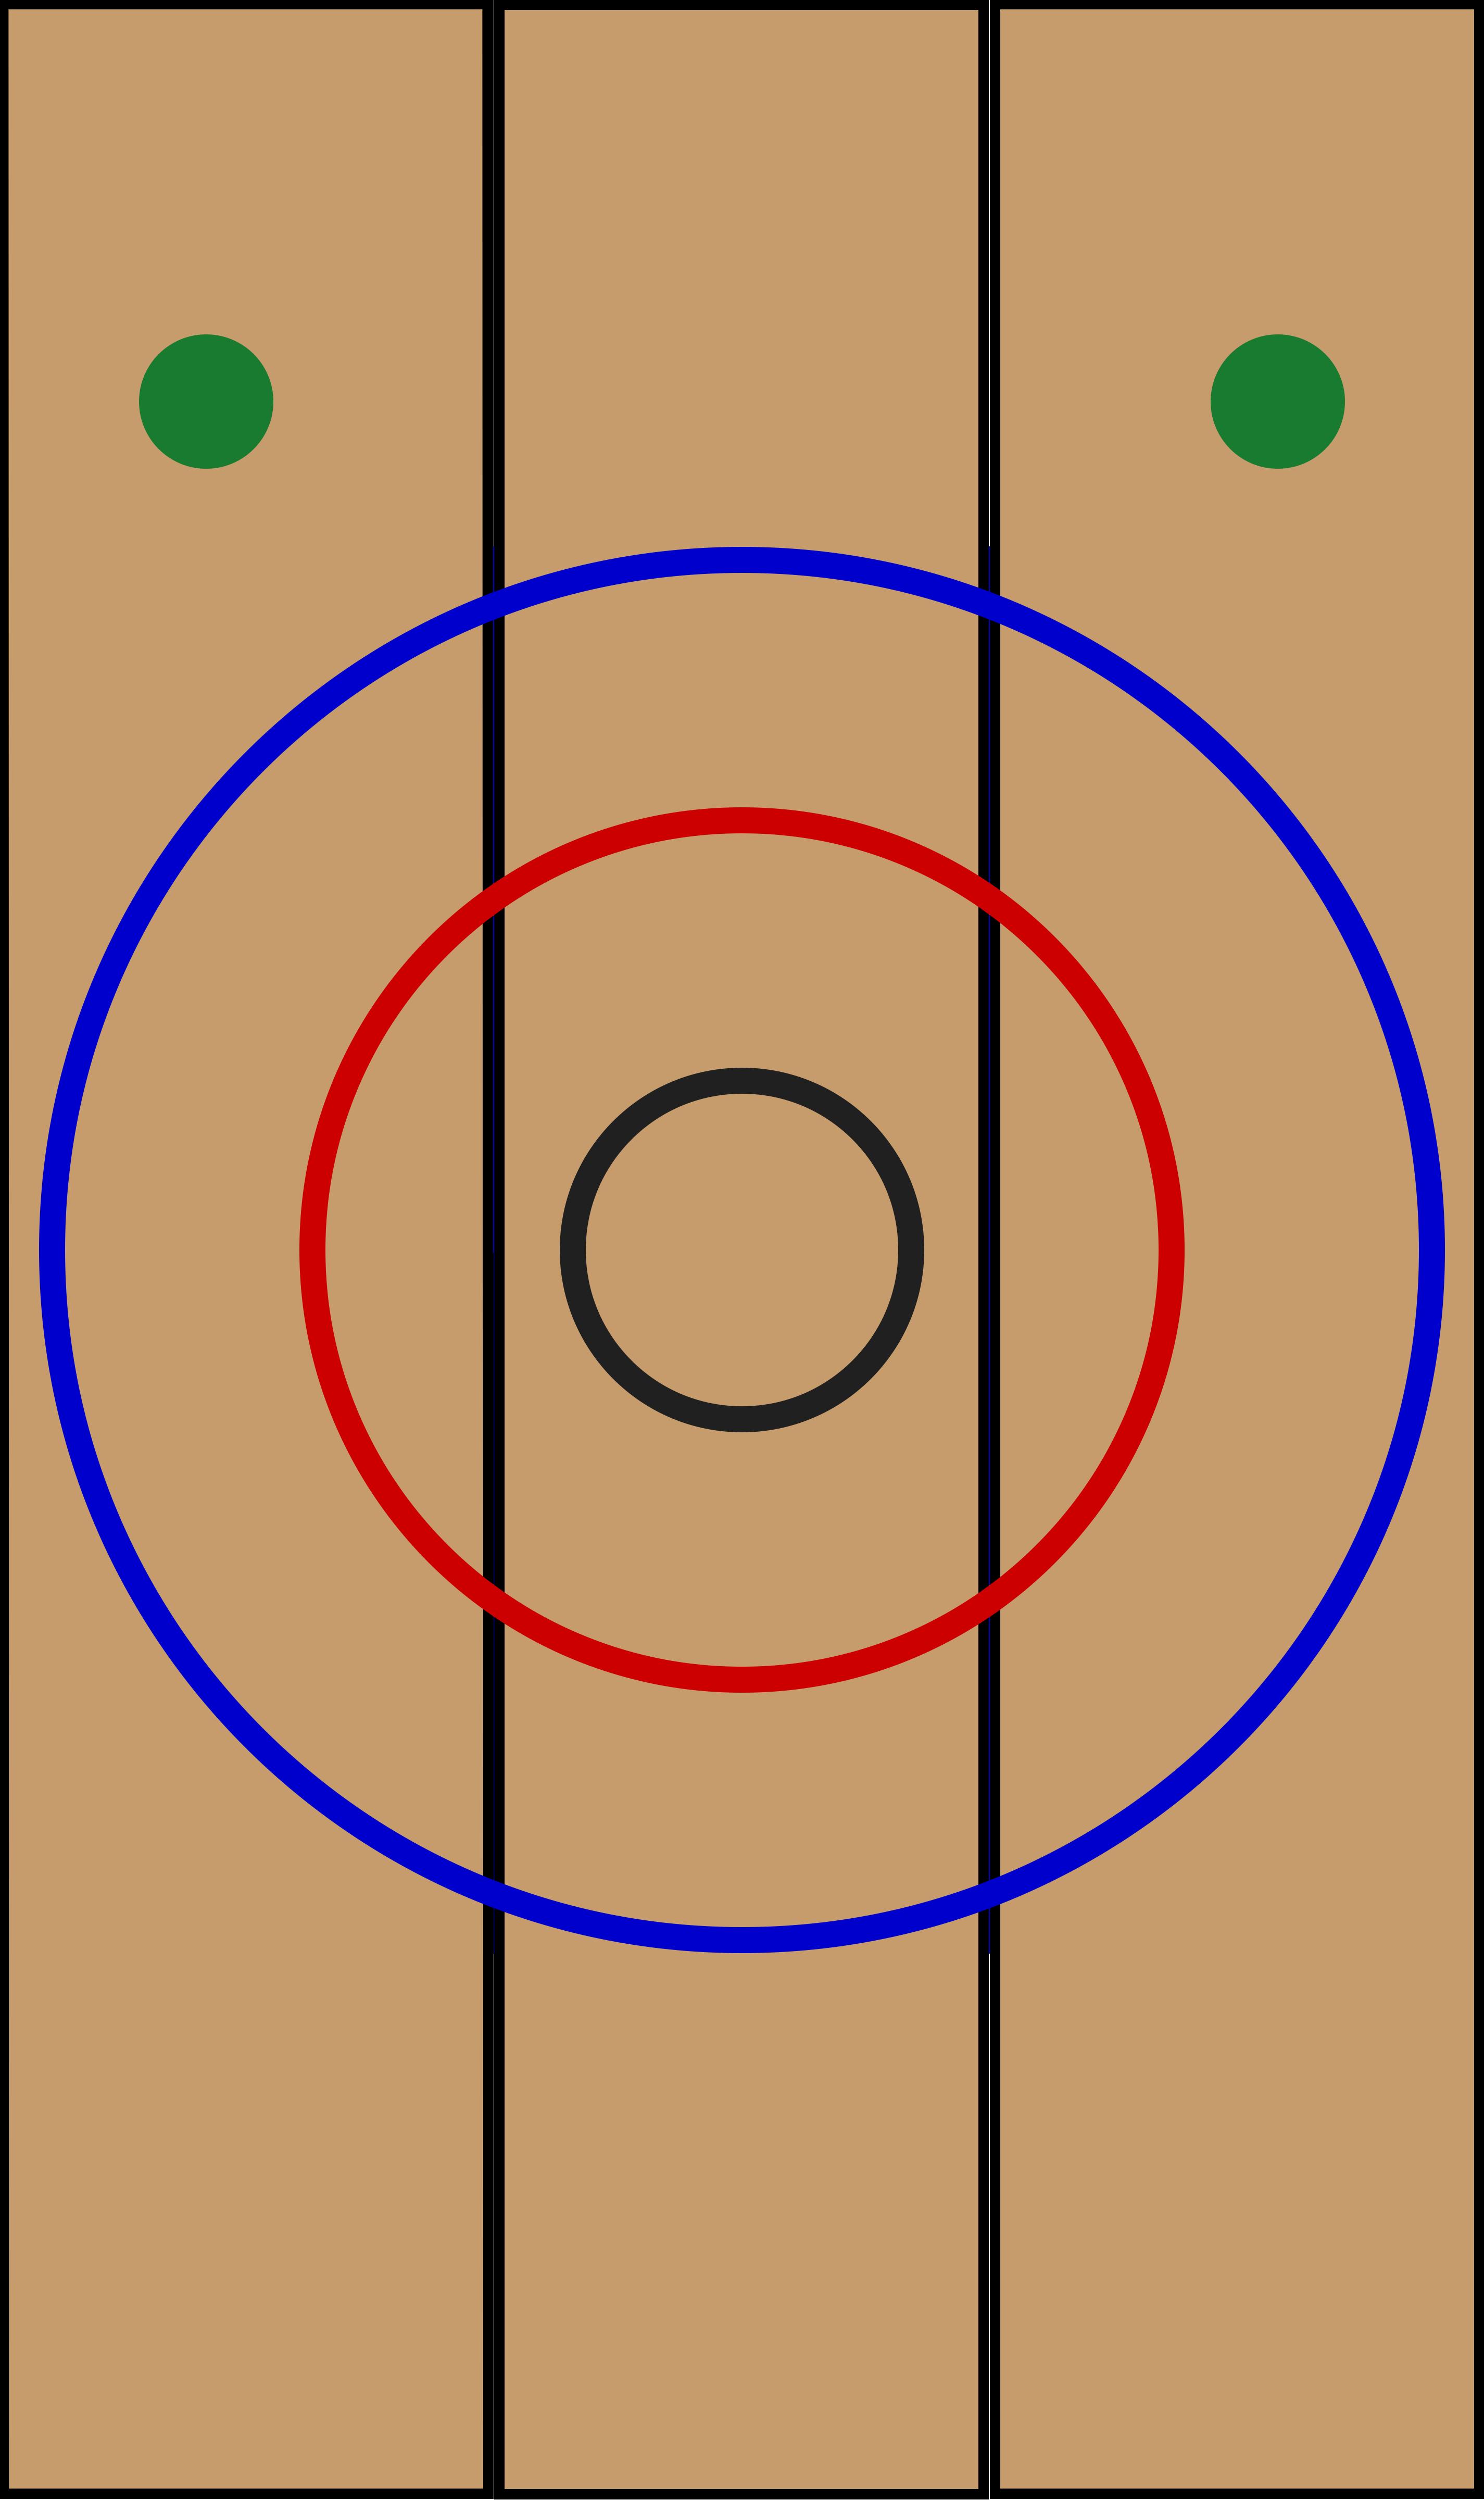 natf axe throwing target